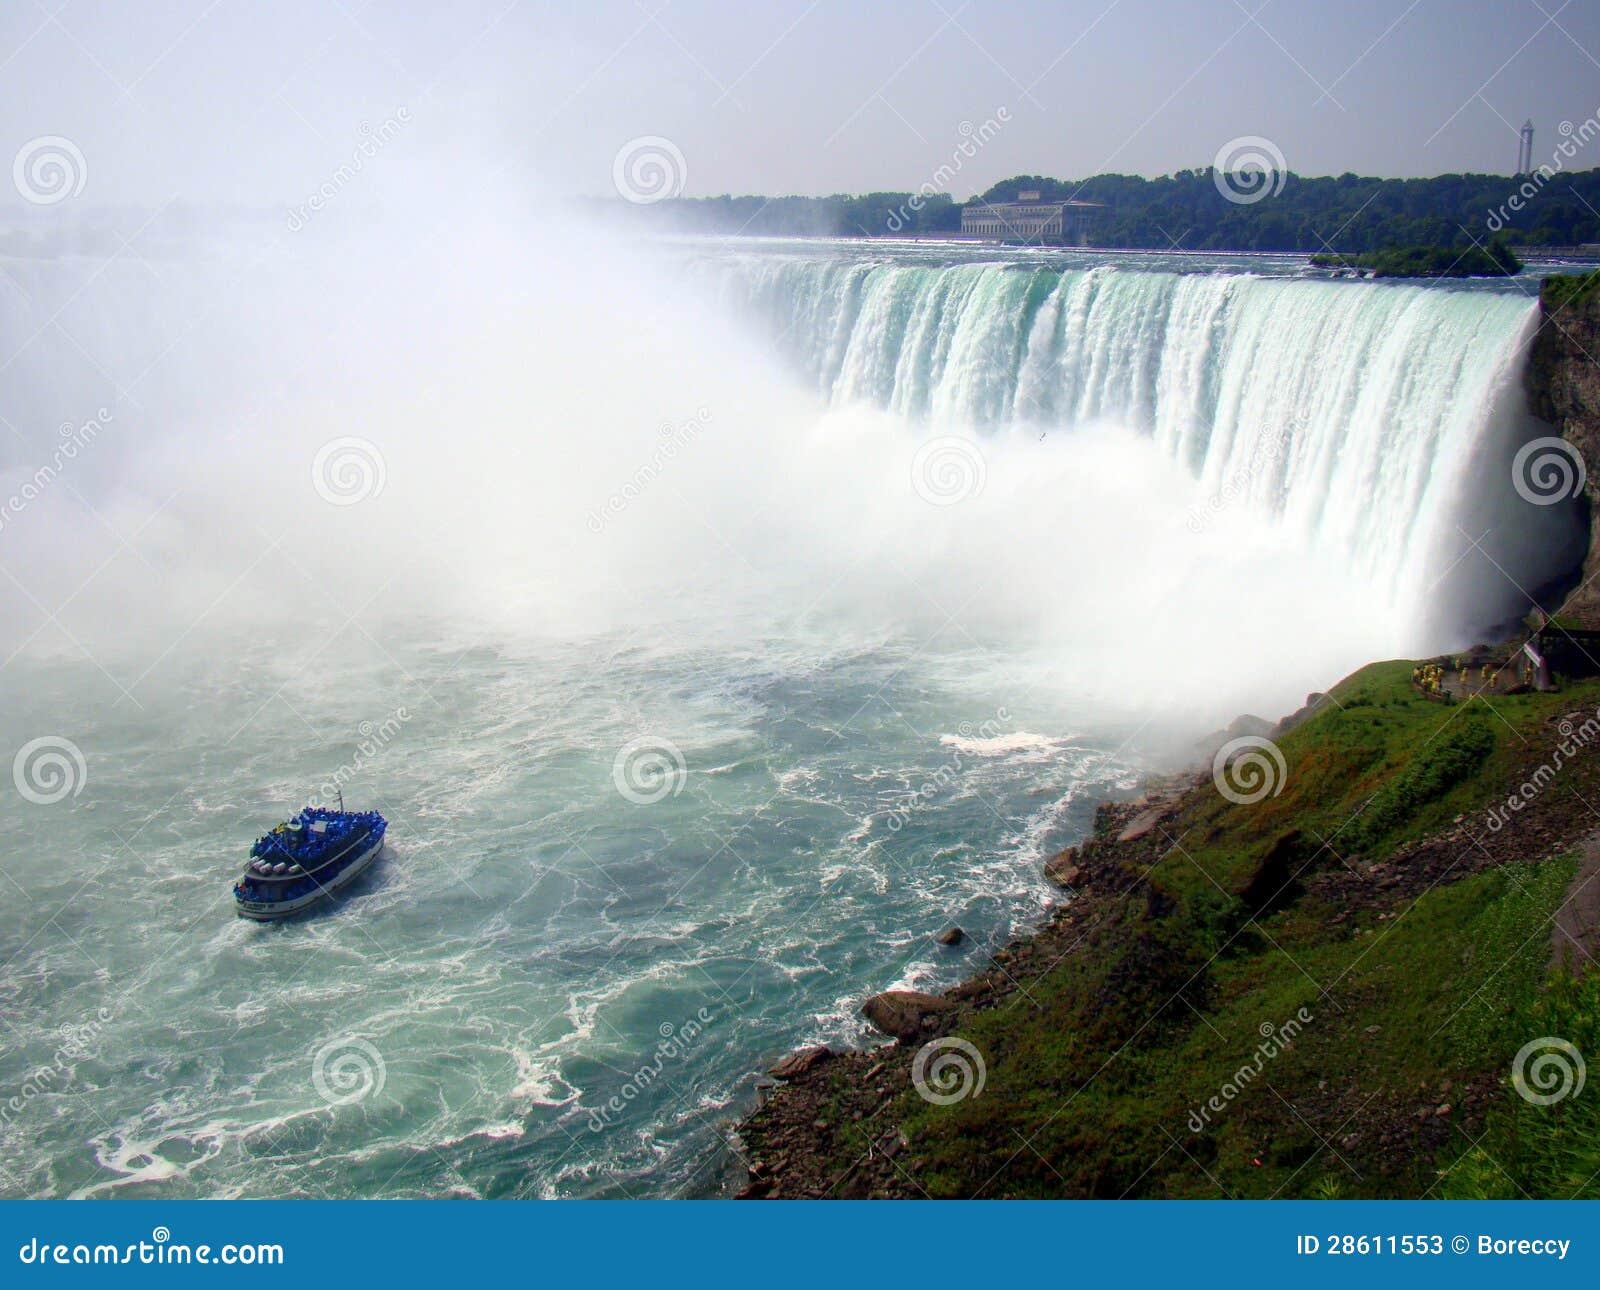 Quedas em ferradura, lado canadense de Niagara Falls